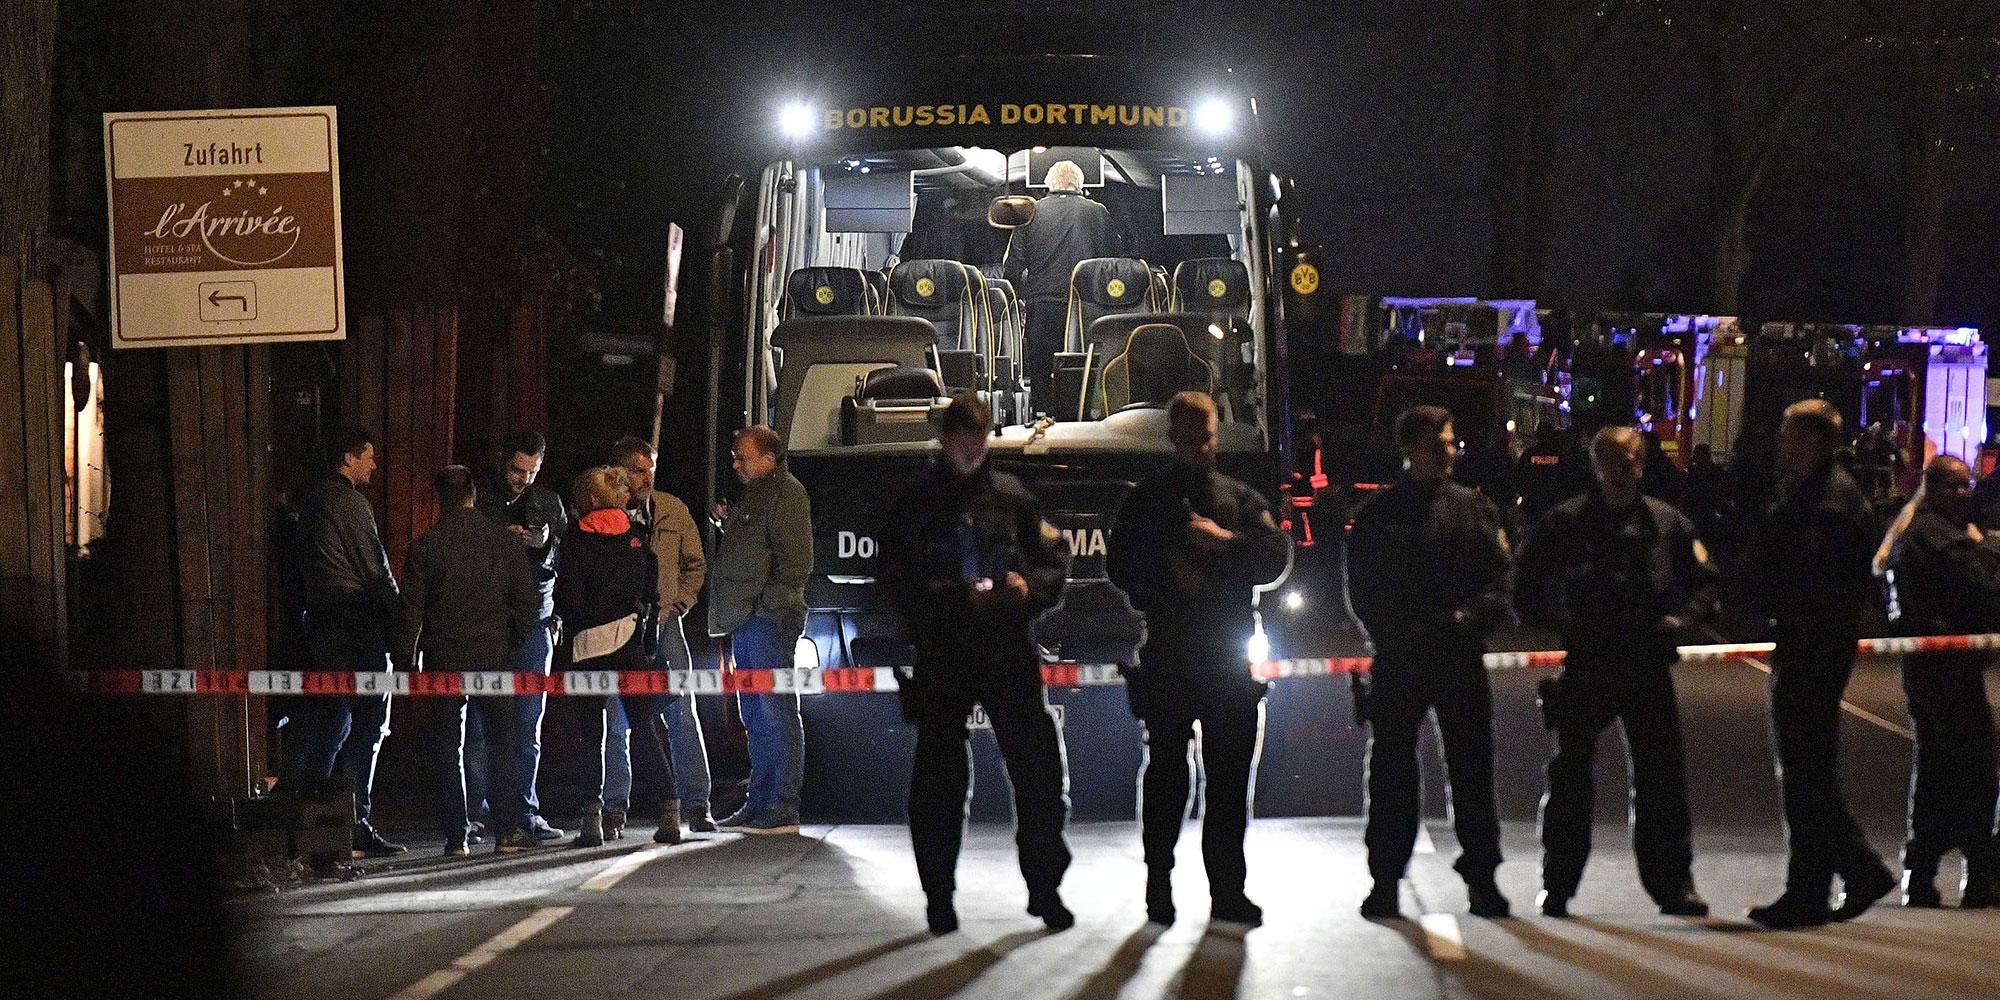 Attaque du bus du Borussia Dortmund : trois ans après, un témoin raconte